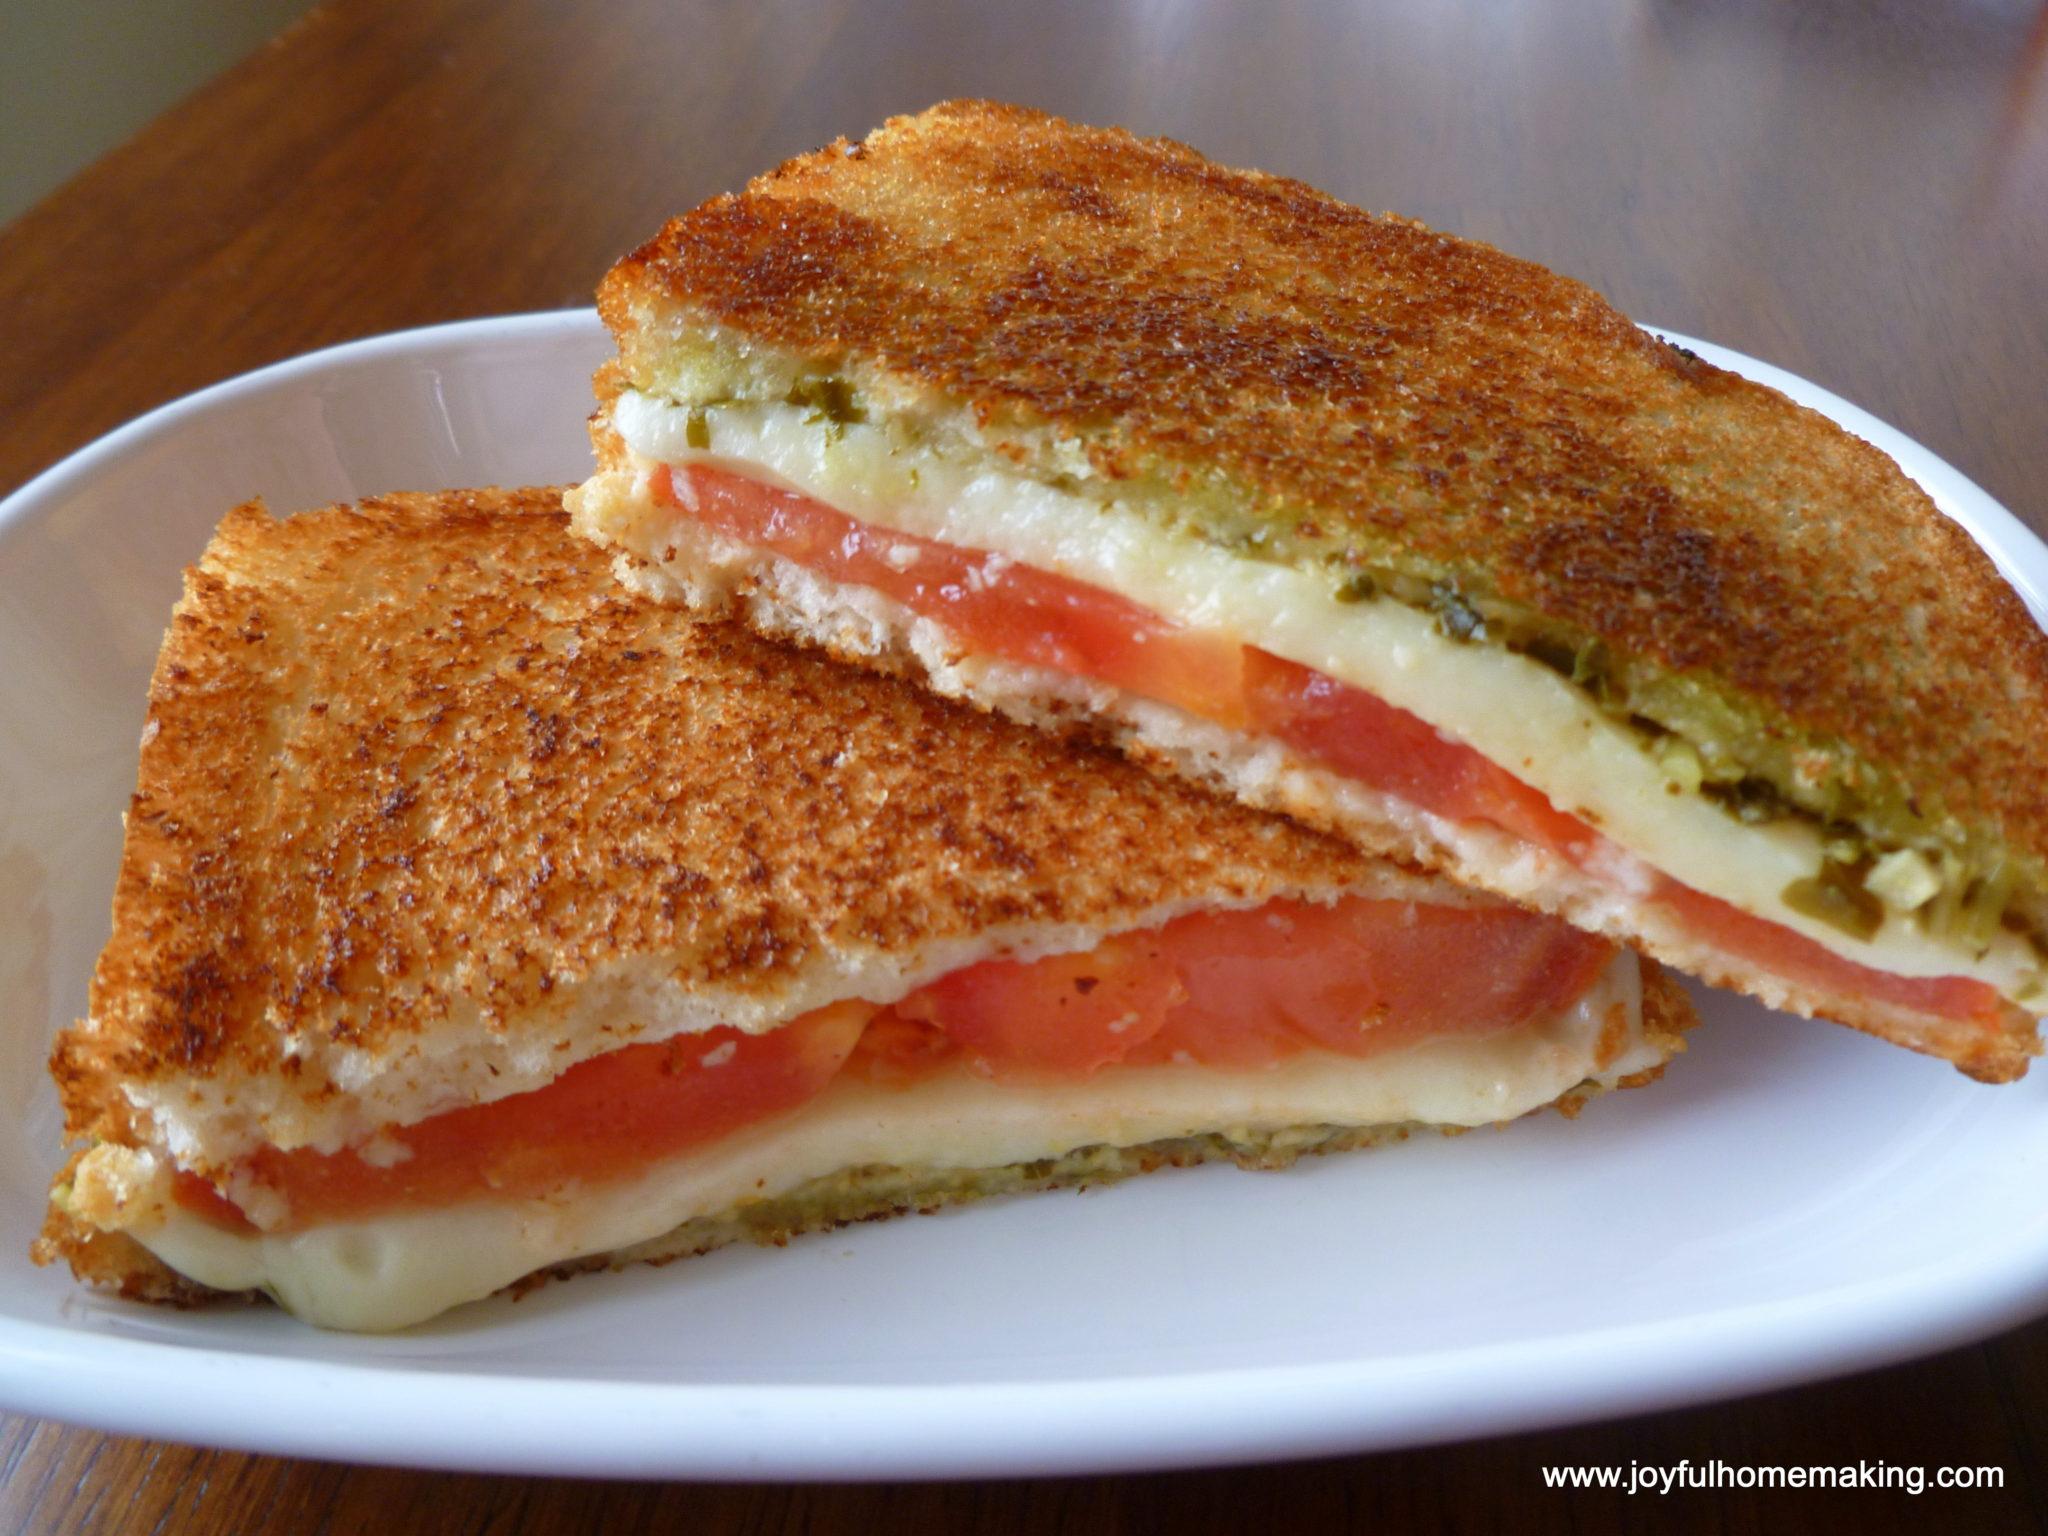 ... .com/2013/03/pesto-tomato-mozzarella-grilled-cheese-sandwich.html